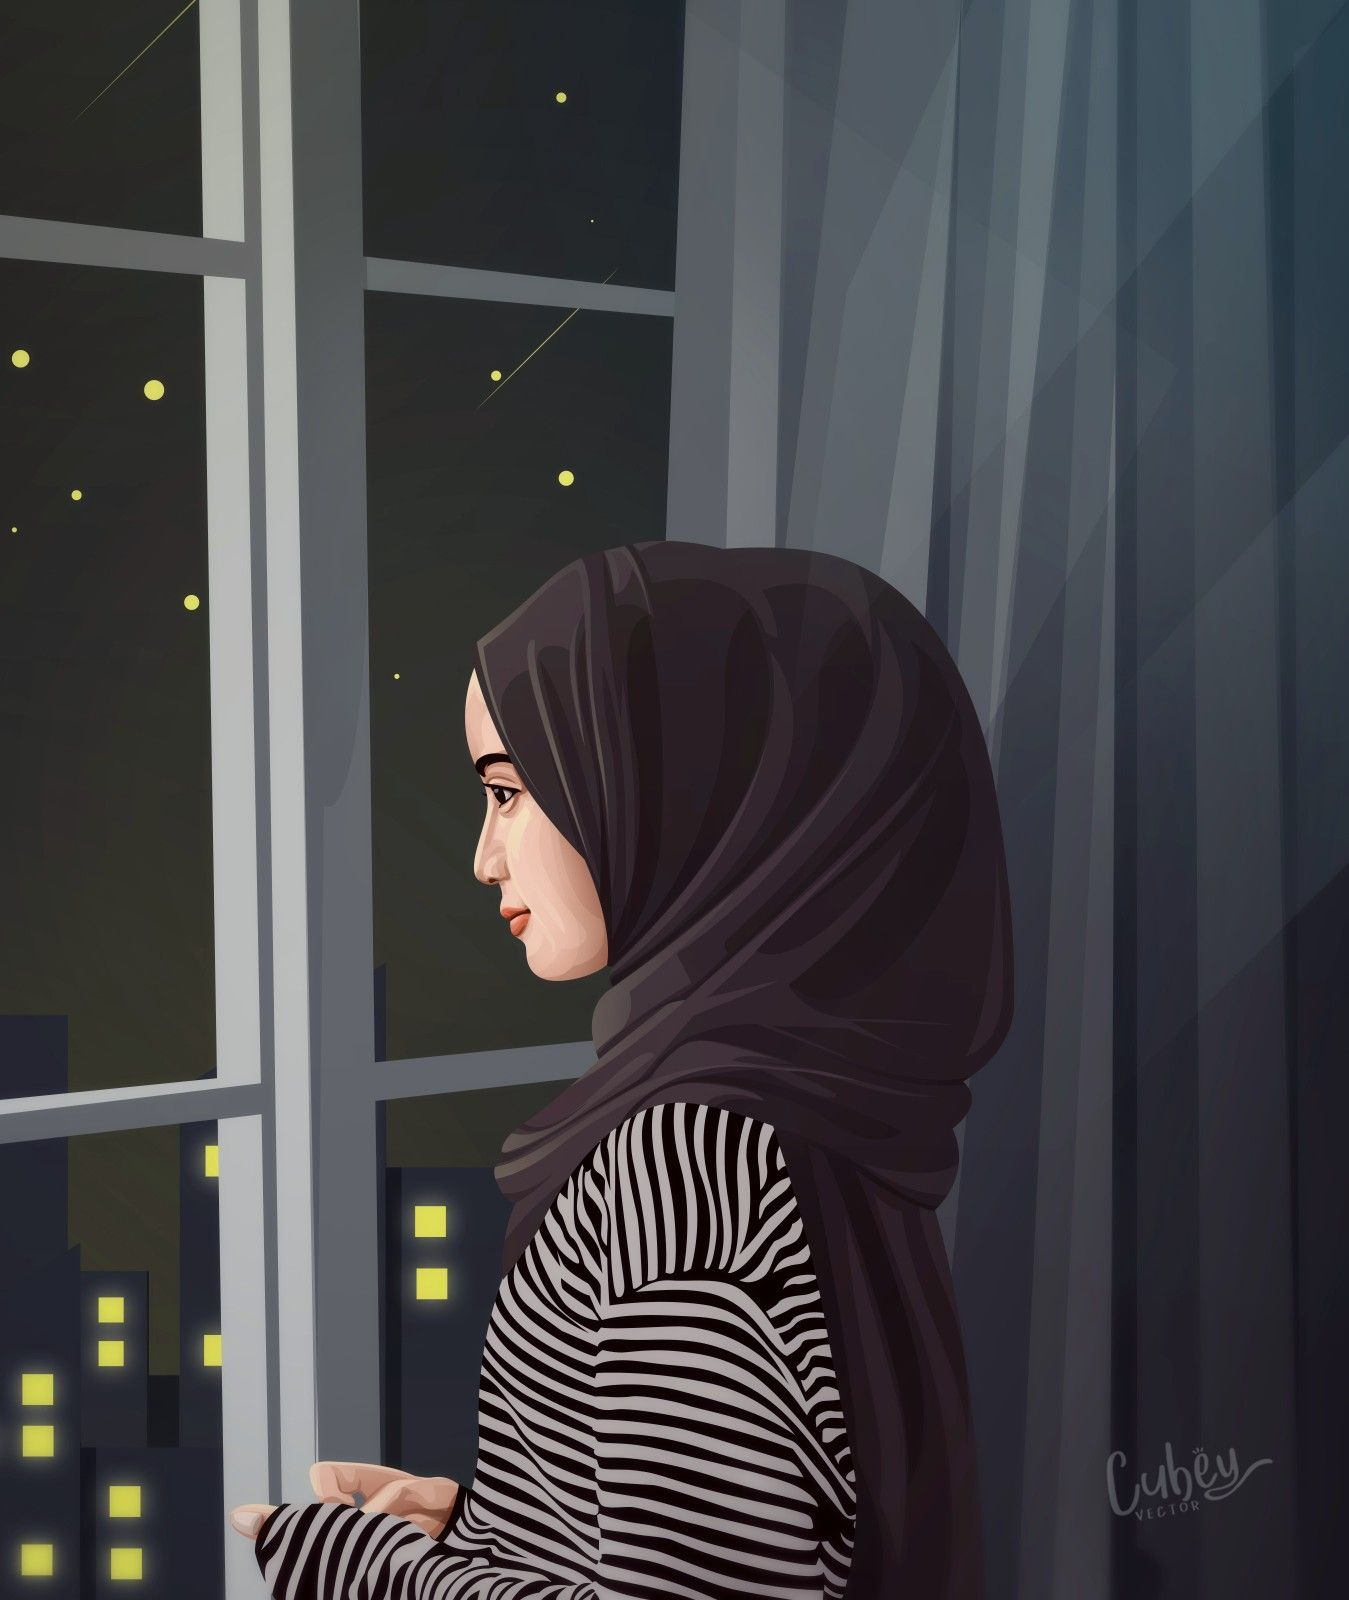 Pin oleh Ranya Tamene di Islamic cartoon Pejuang wanita